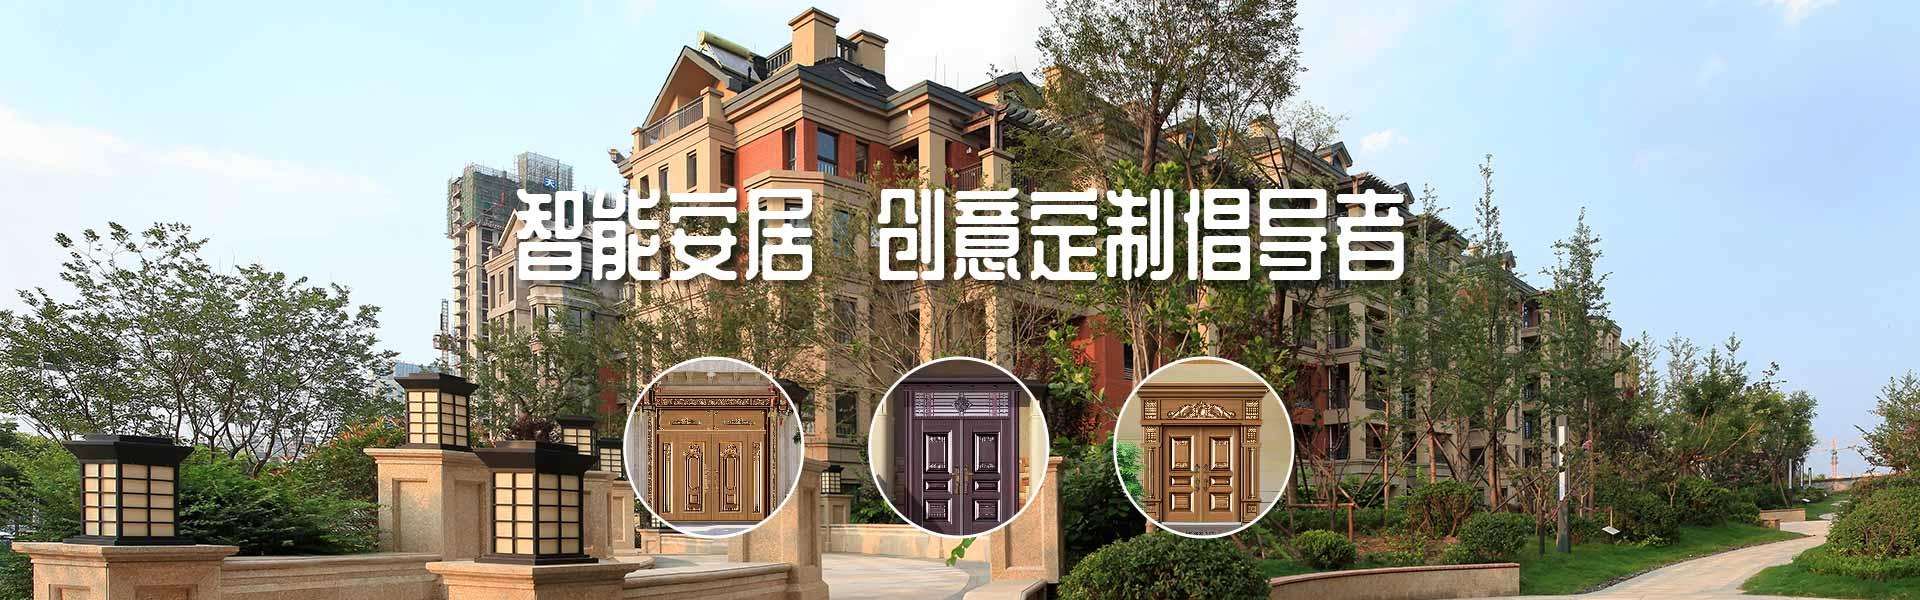 陝西高檔別墅門